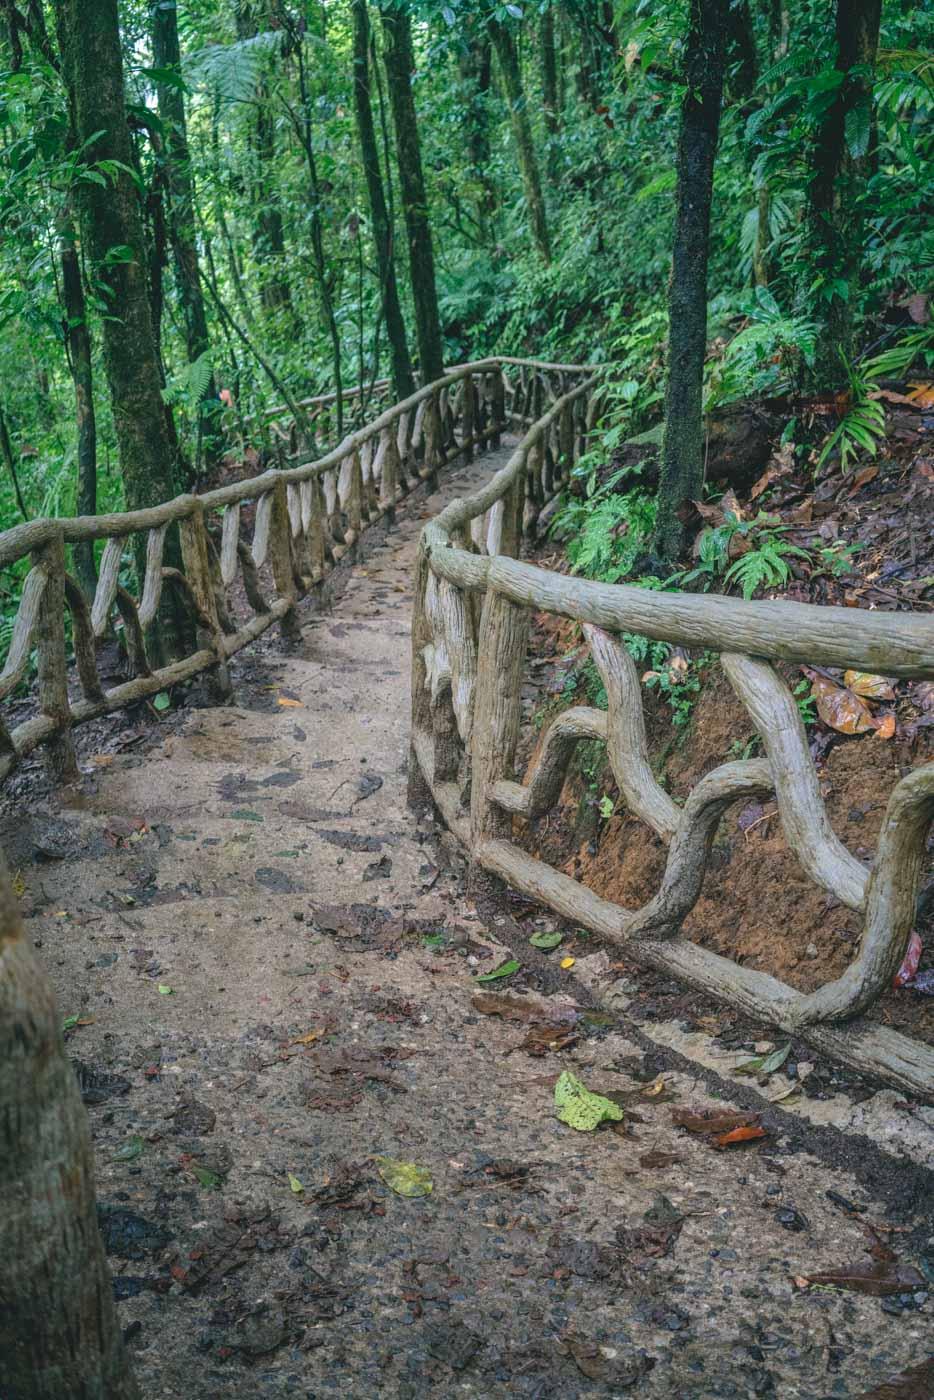 Arenal Costa Rica: Tenorio National Park